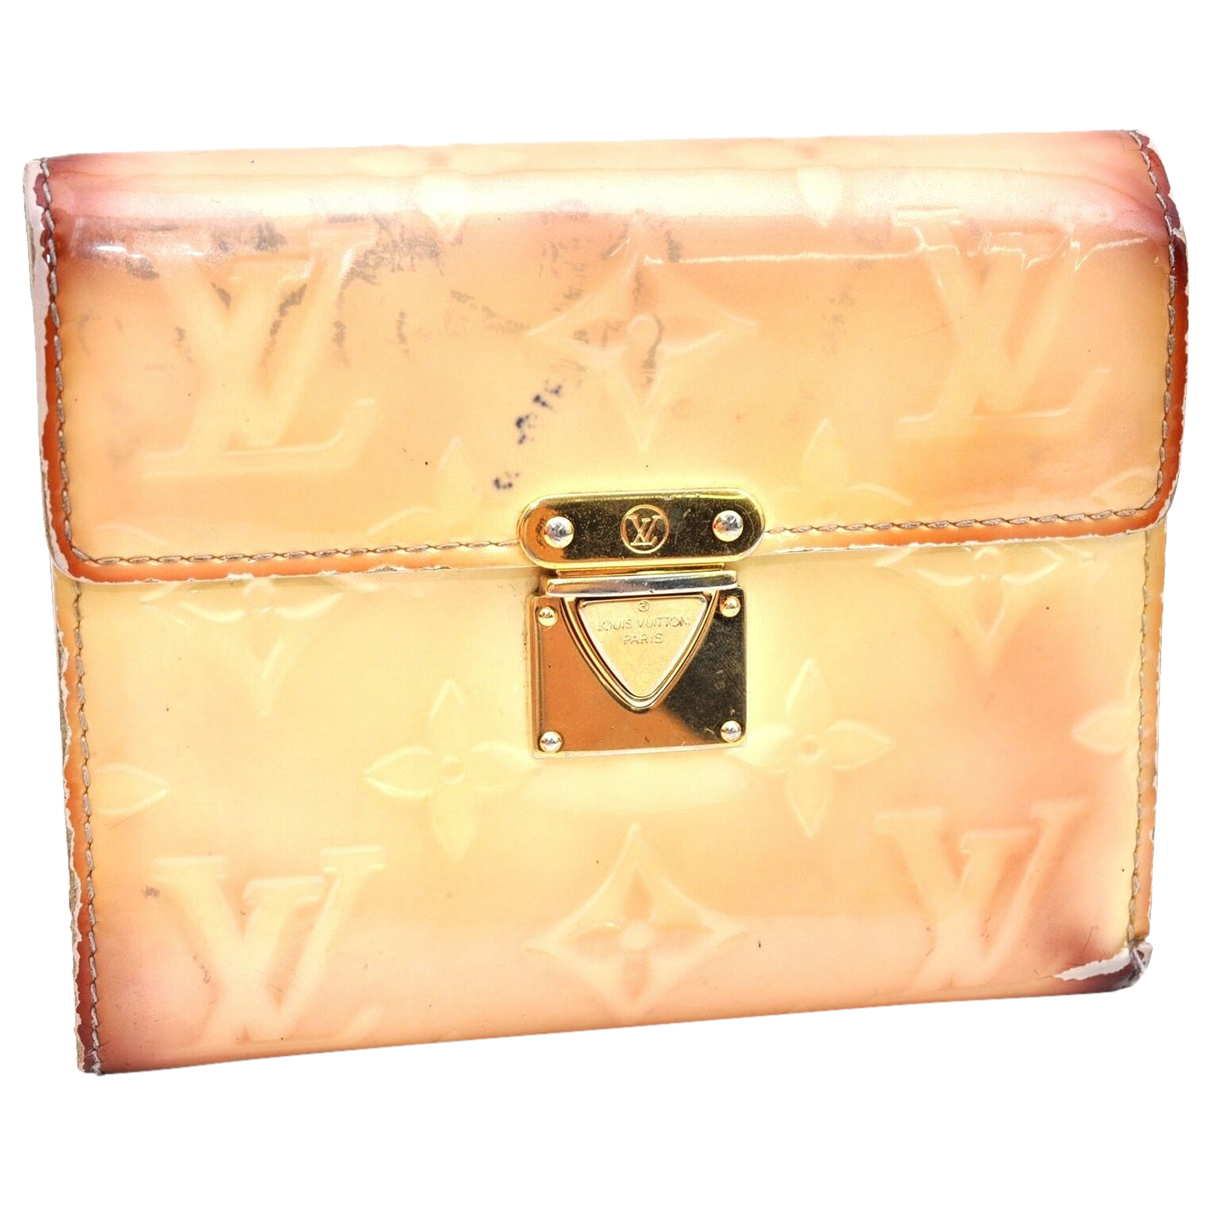 Louis Vuitton - Portefeuille   pour femme en cuir verni - camel